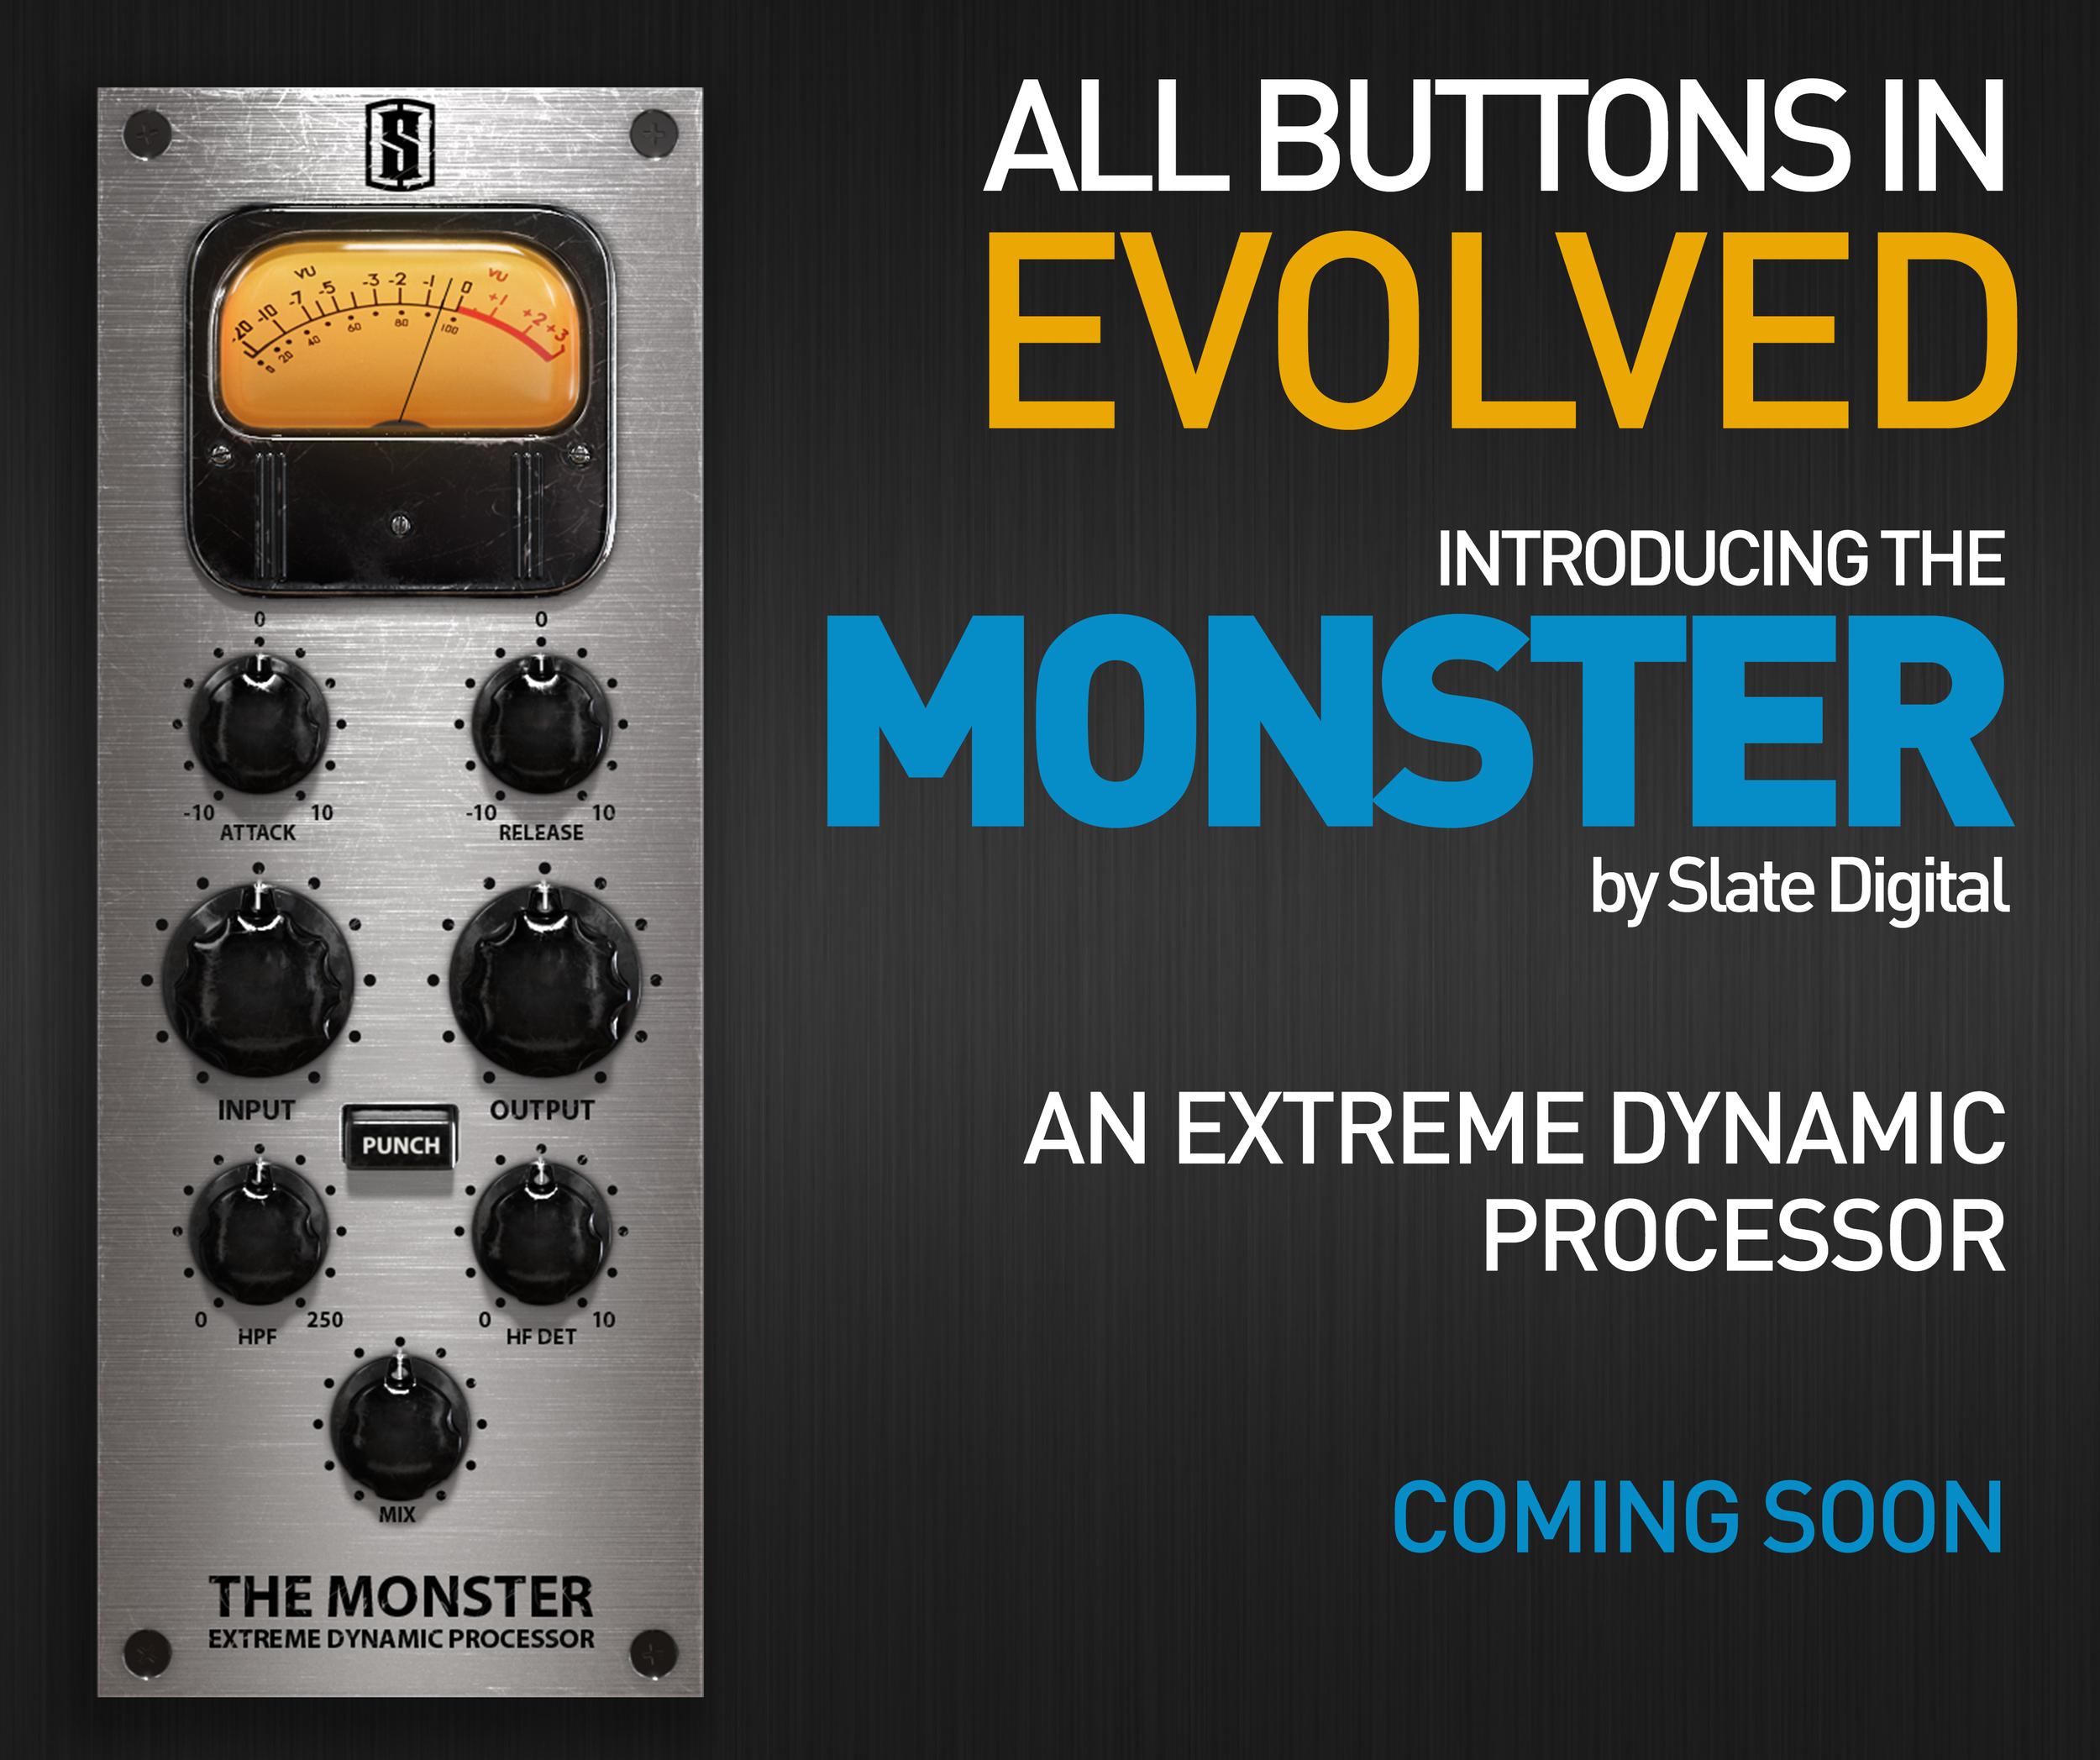 The Monster By Slate Digital